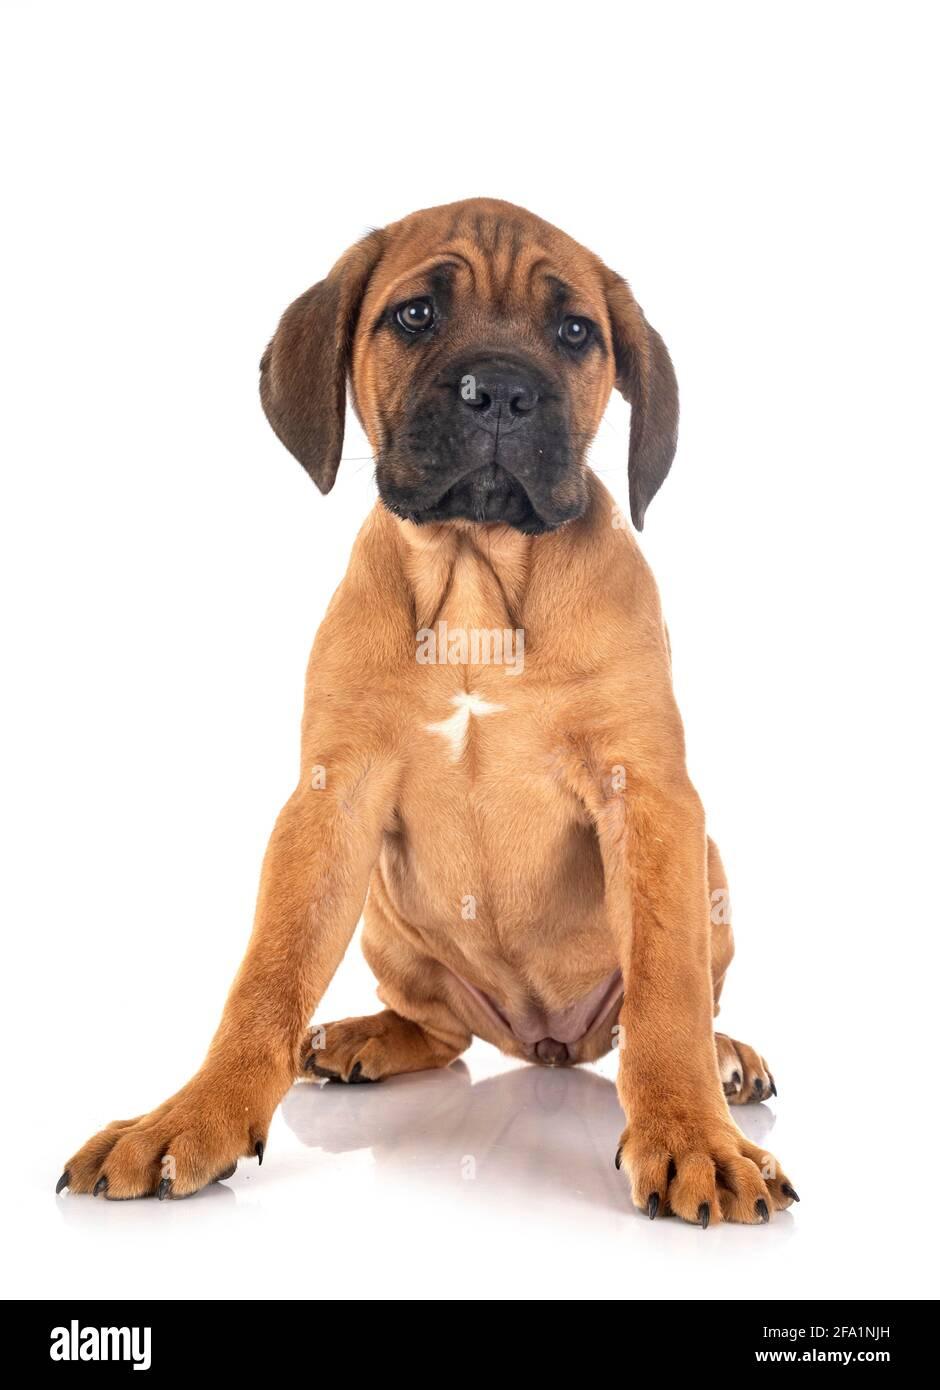 Welpen italienische Dogge vor weißem Hintergrund Stockfoto